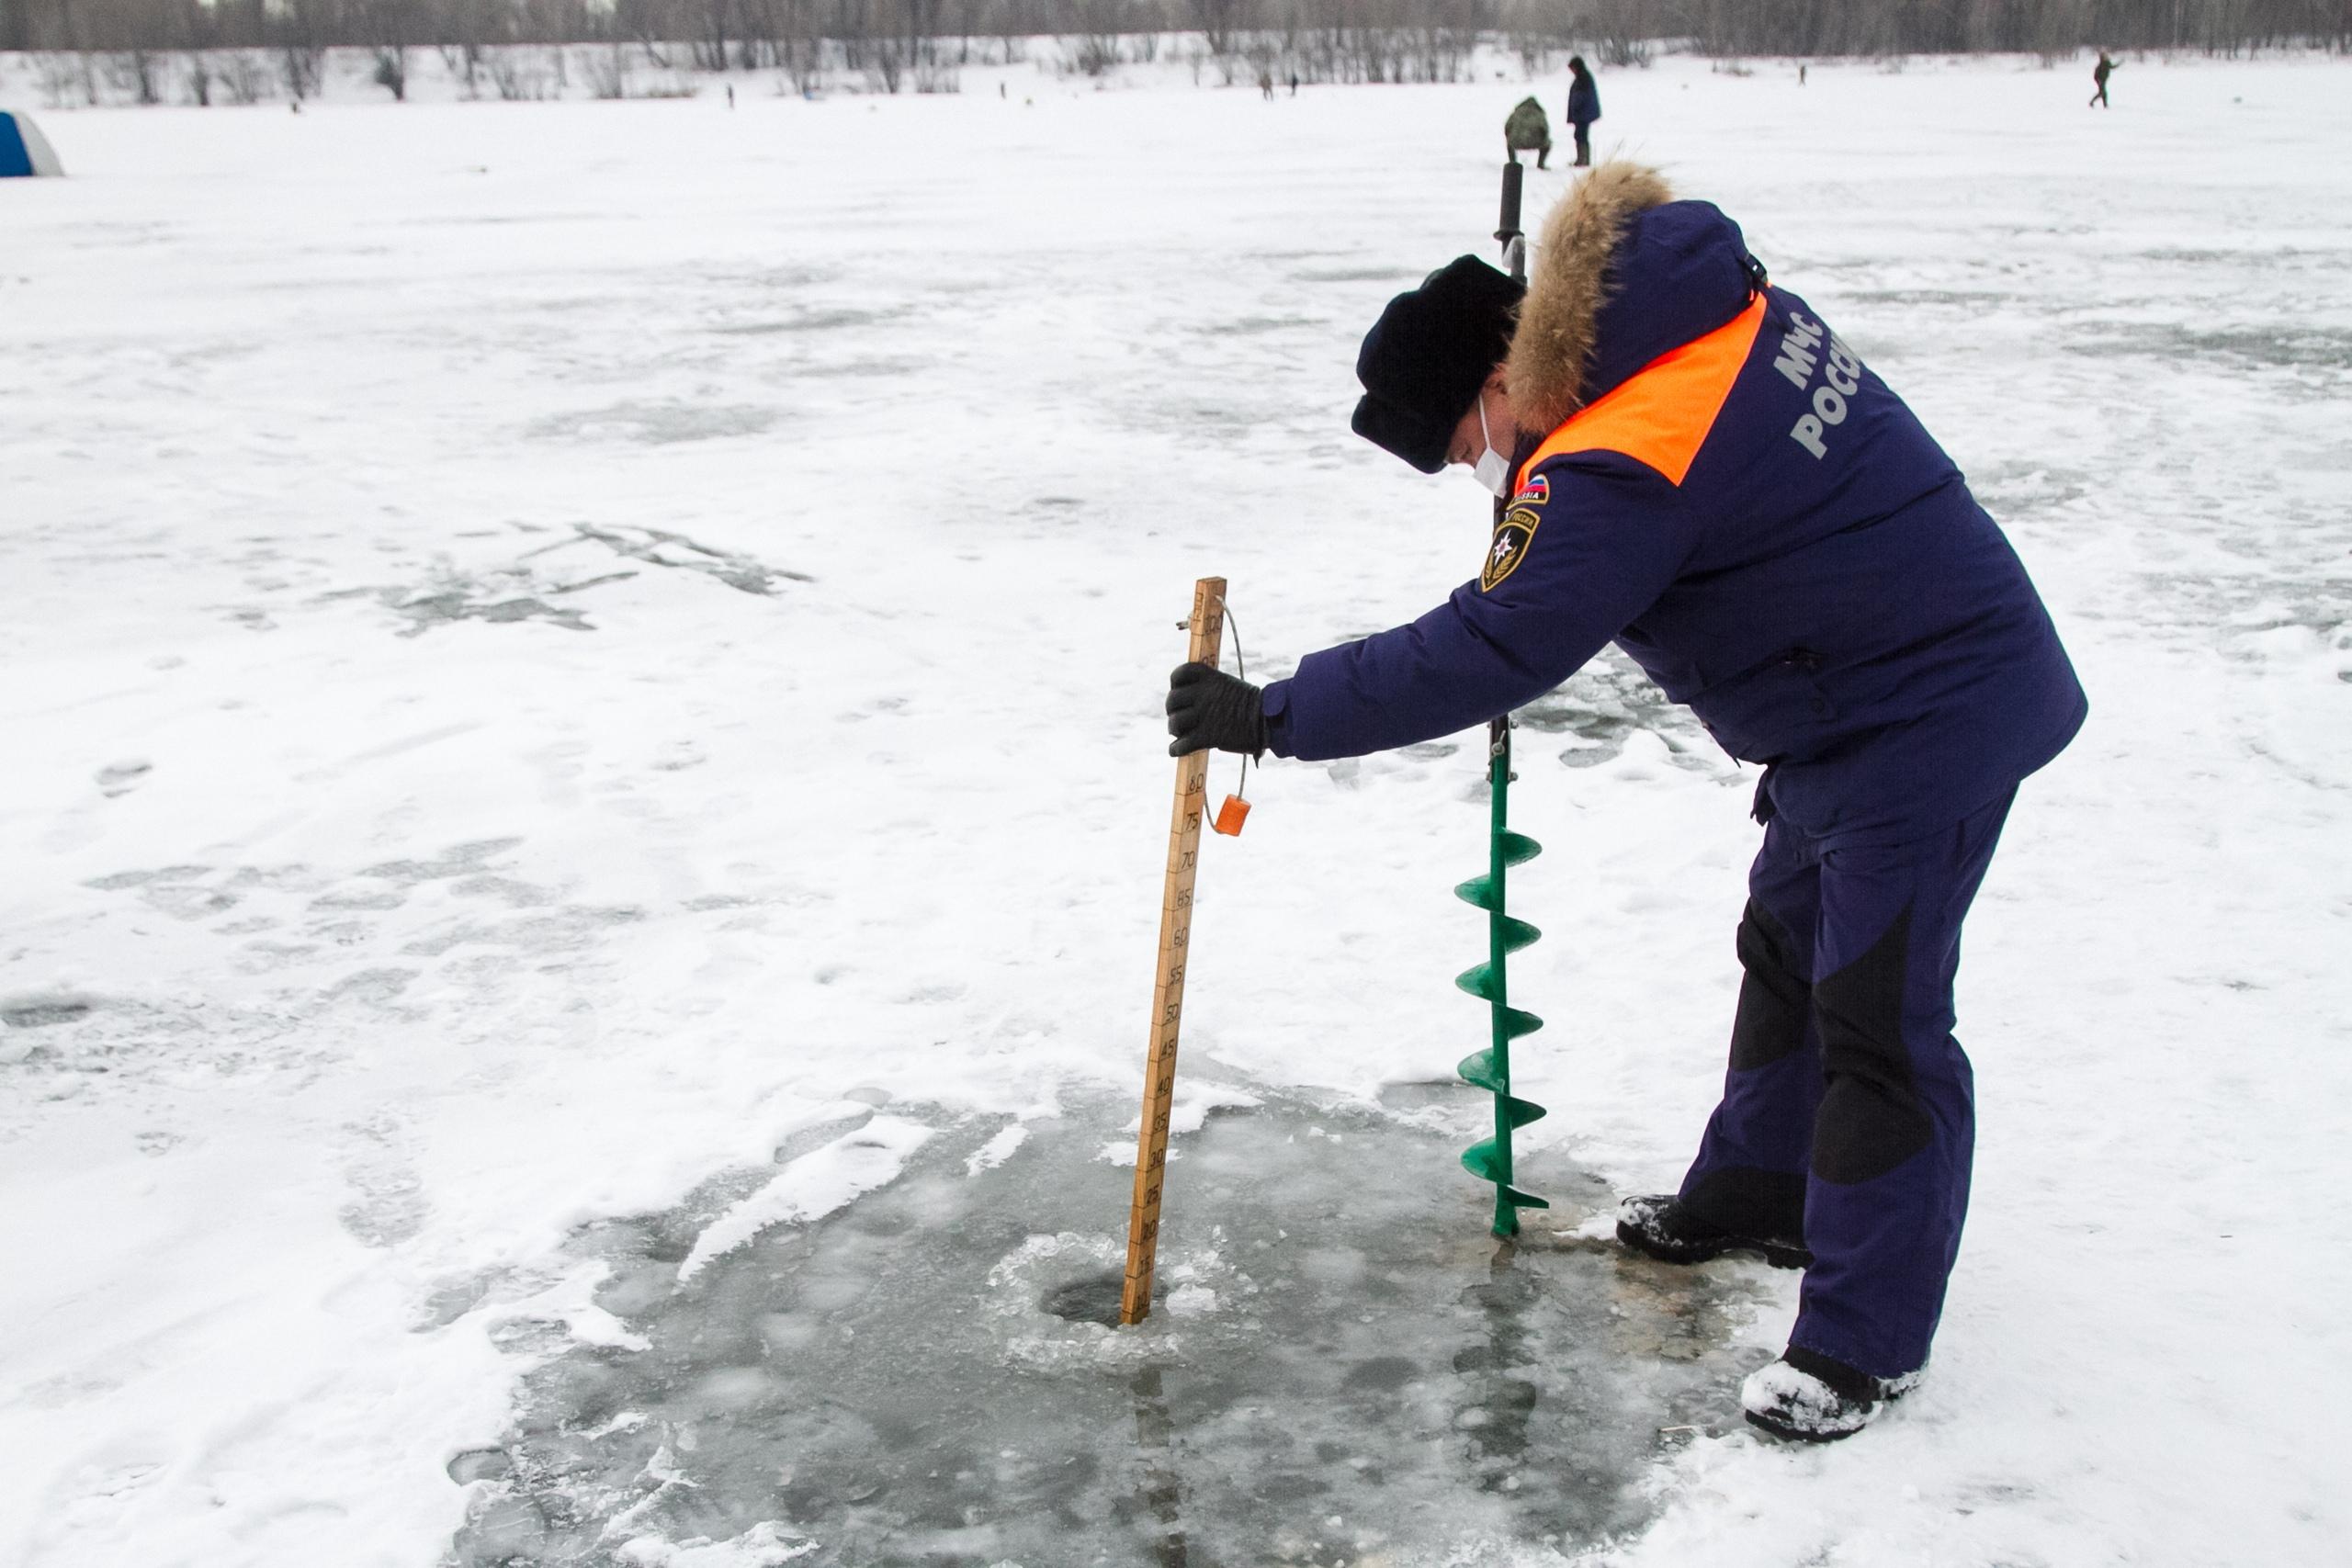 В омских реках Шиш и Уй нашли марганец #Новости #Общество #Омск